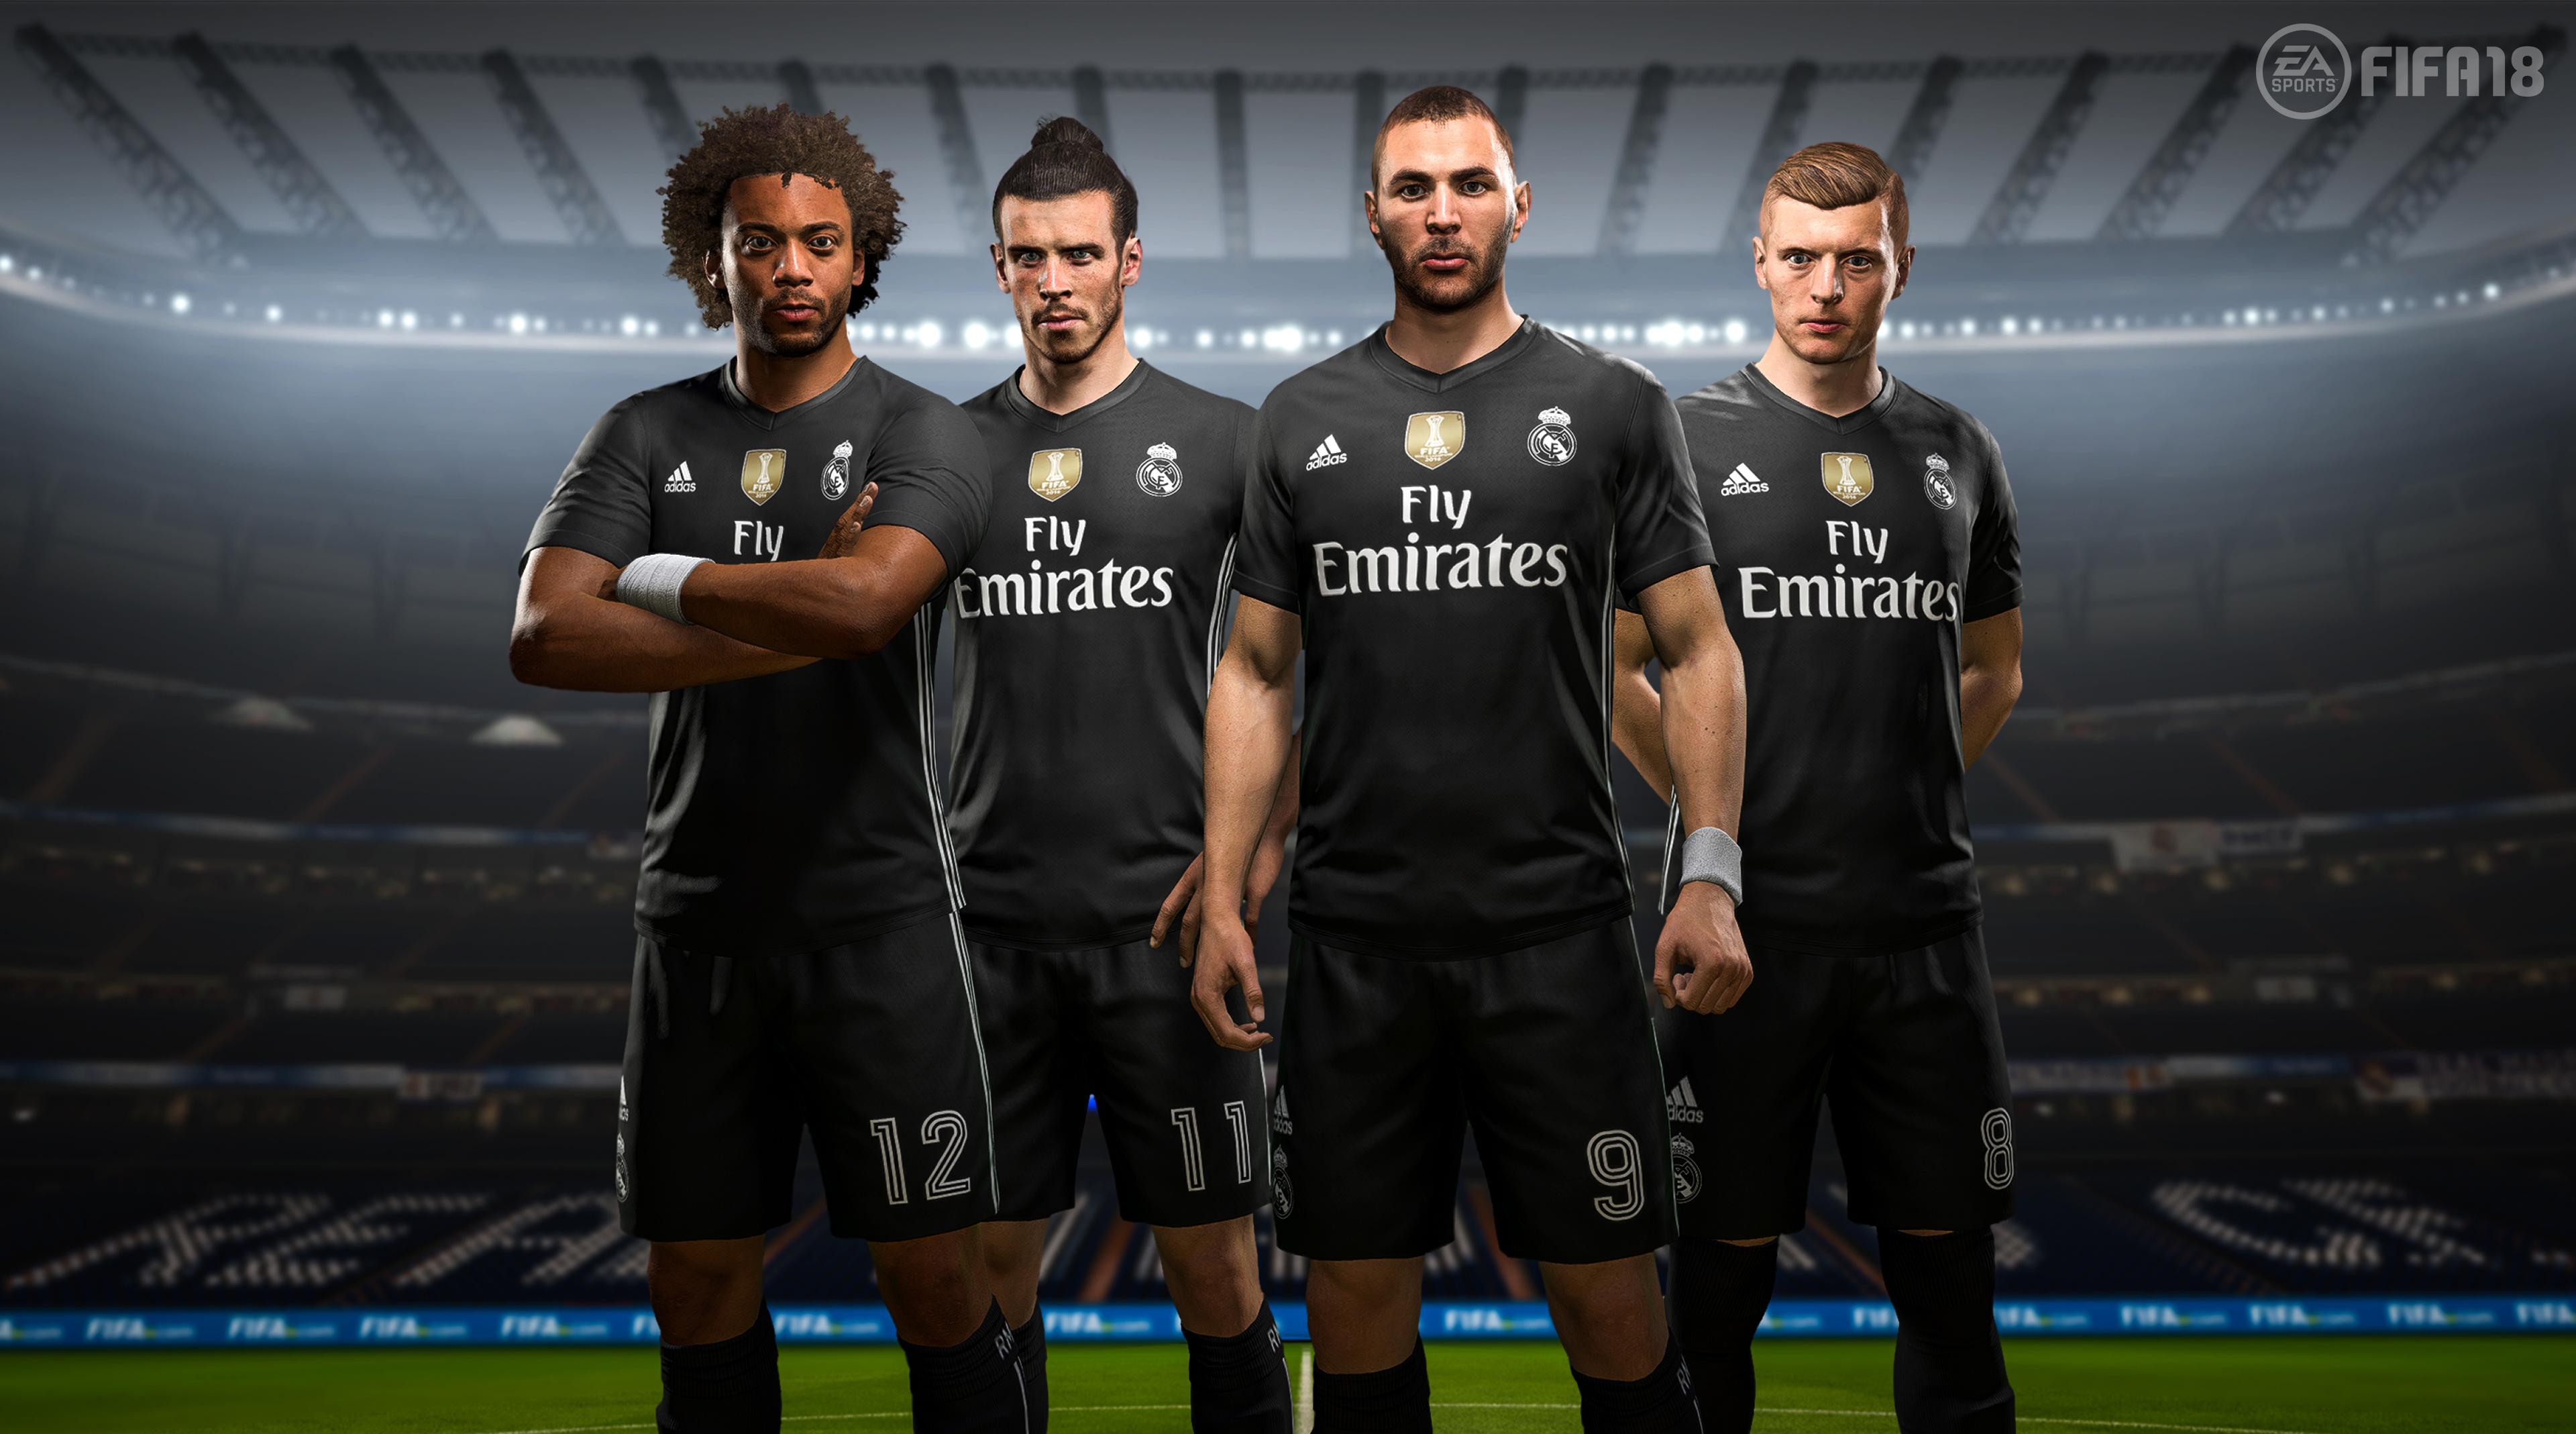 Real Madrid digital 4th kit